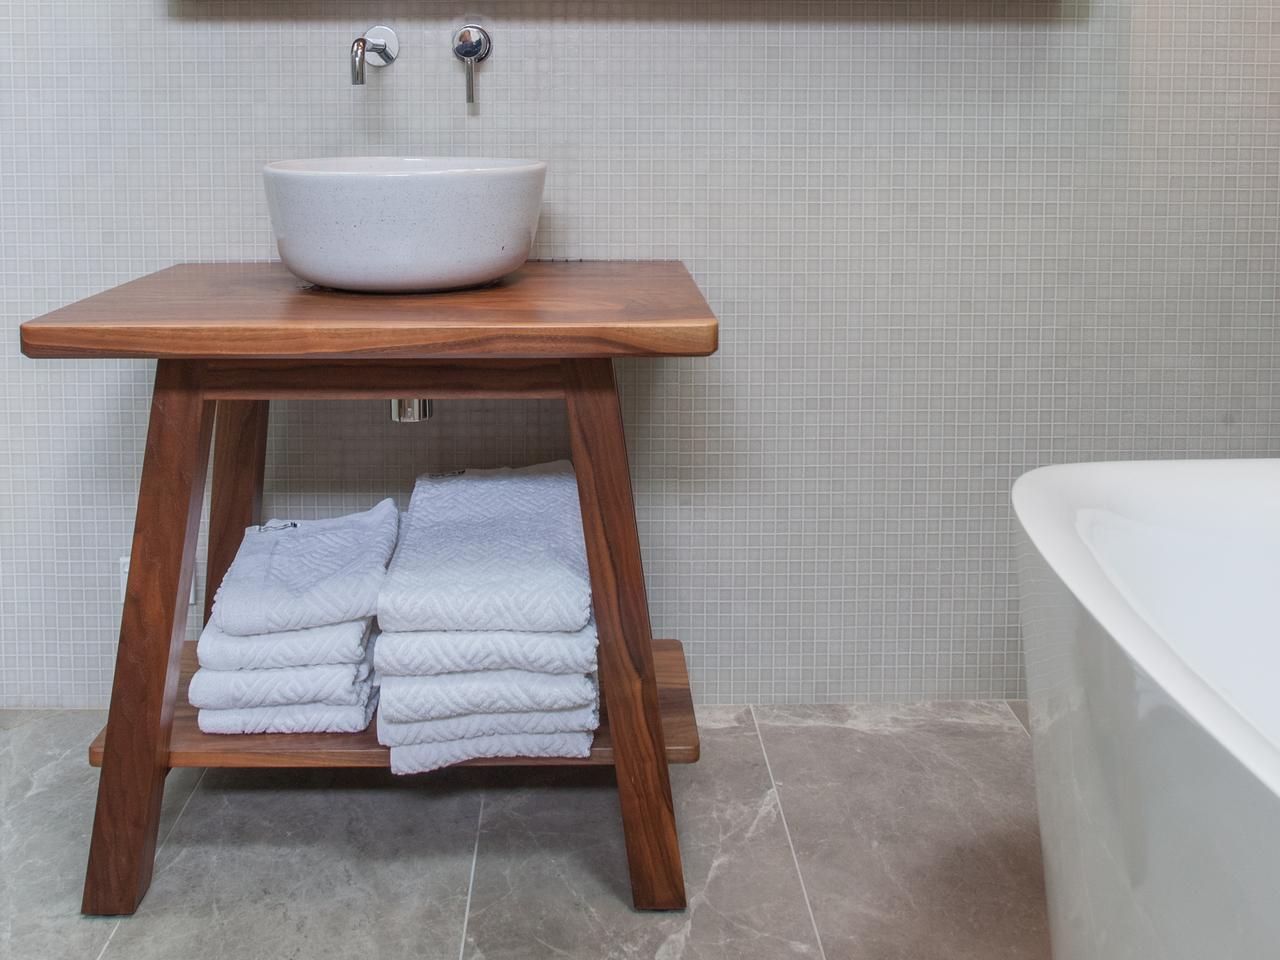 Custom Bathroom Vanities Wollongong bathroom trestle vanityaidan morris | handkrafted